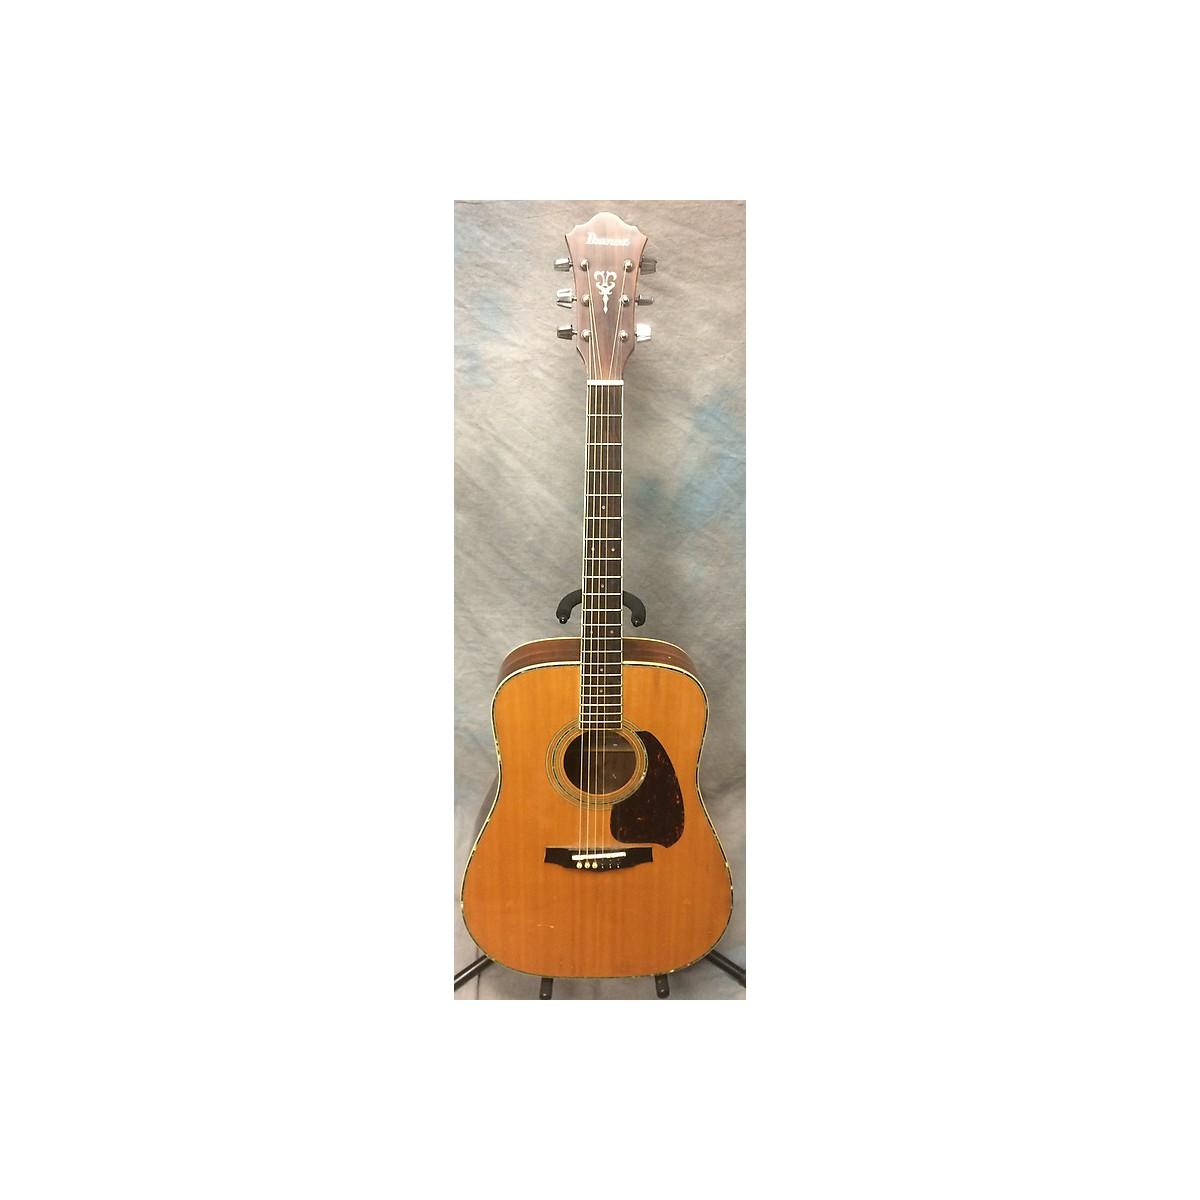 Ibanez V220 Acoustic Guitar